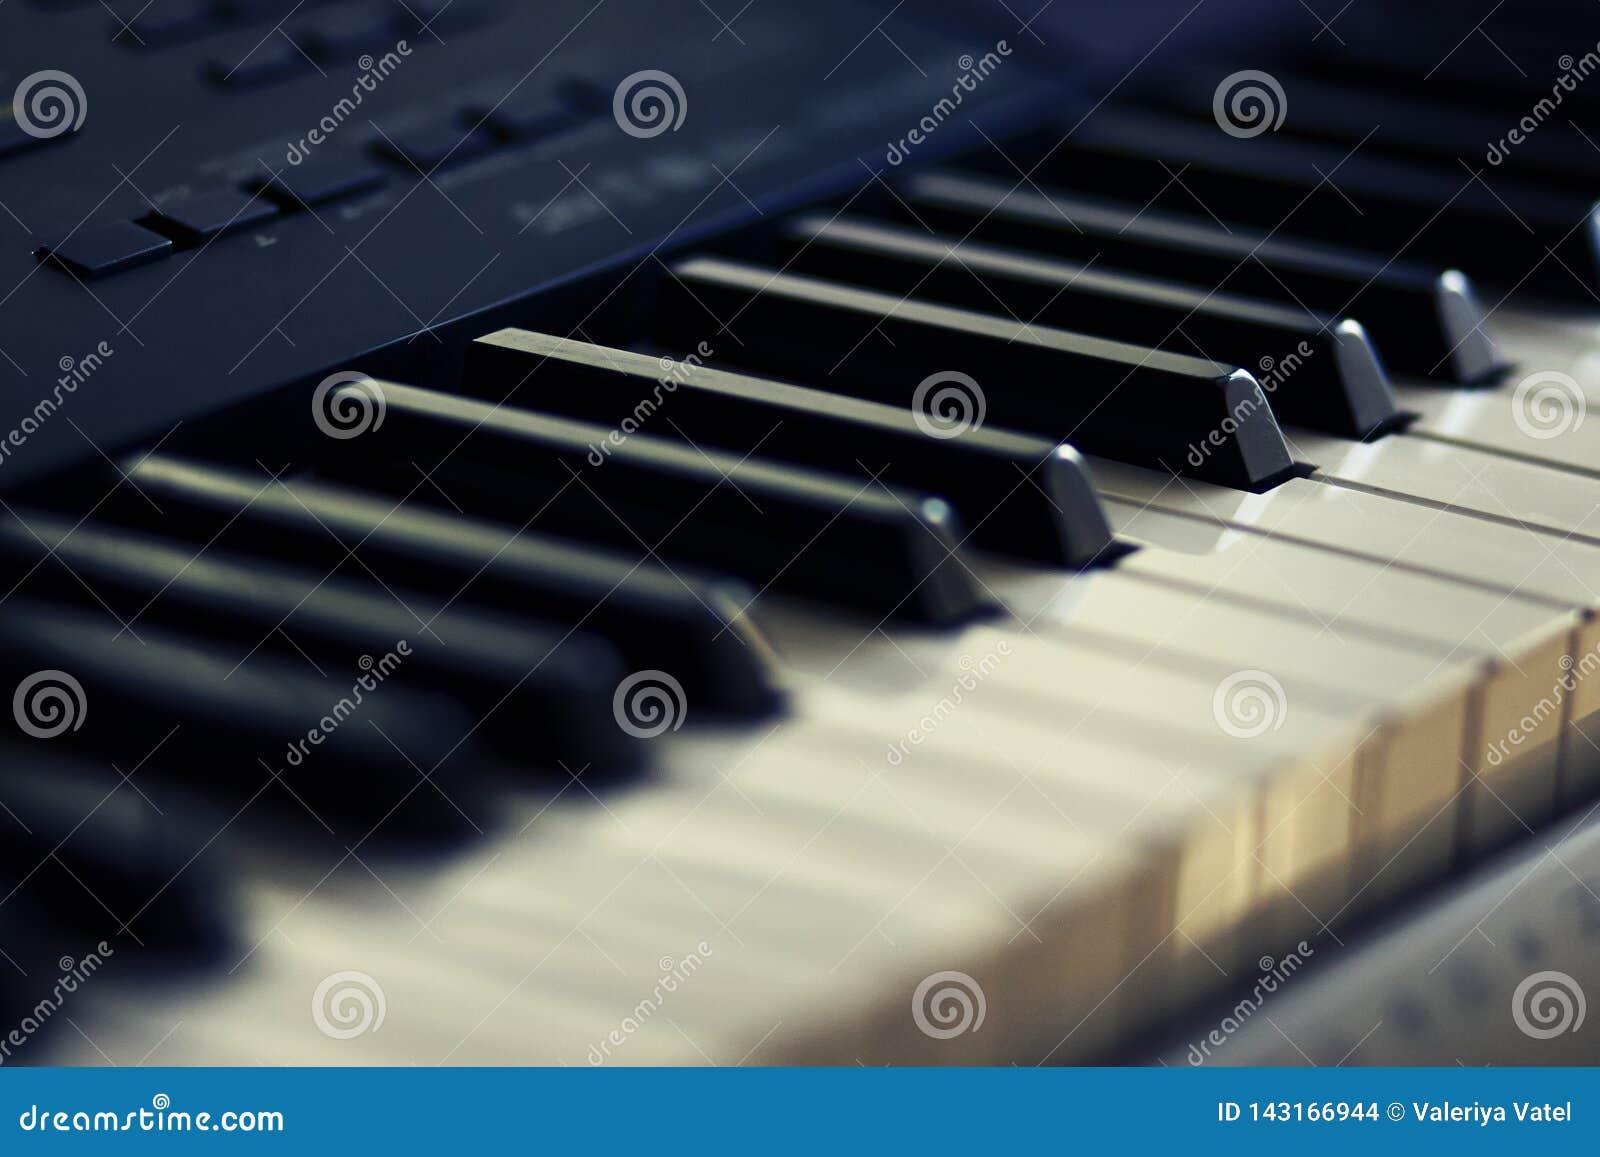 Chiavi in bianco e nero del strumento-sintetizzatore musicale moderno